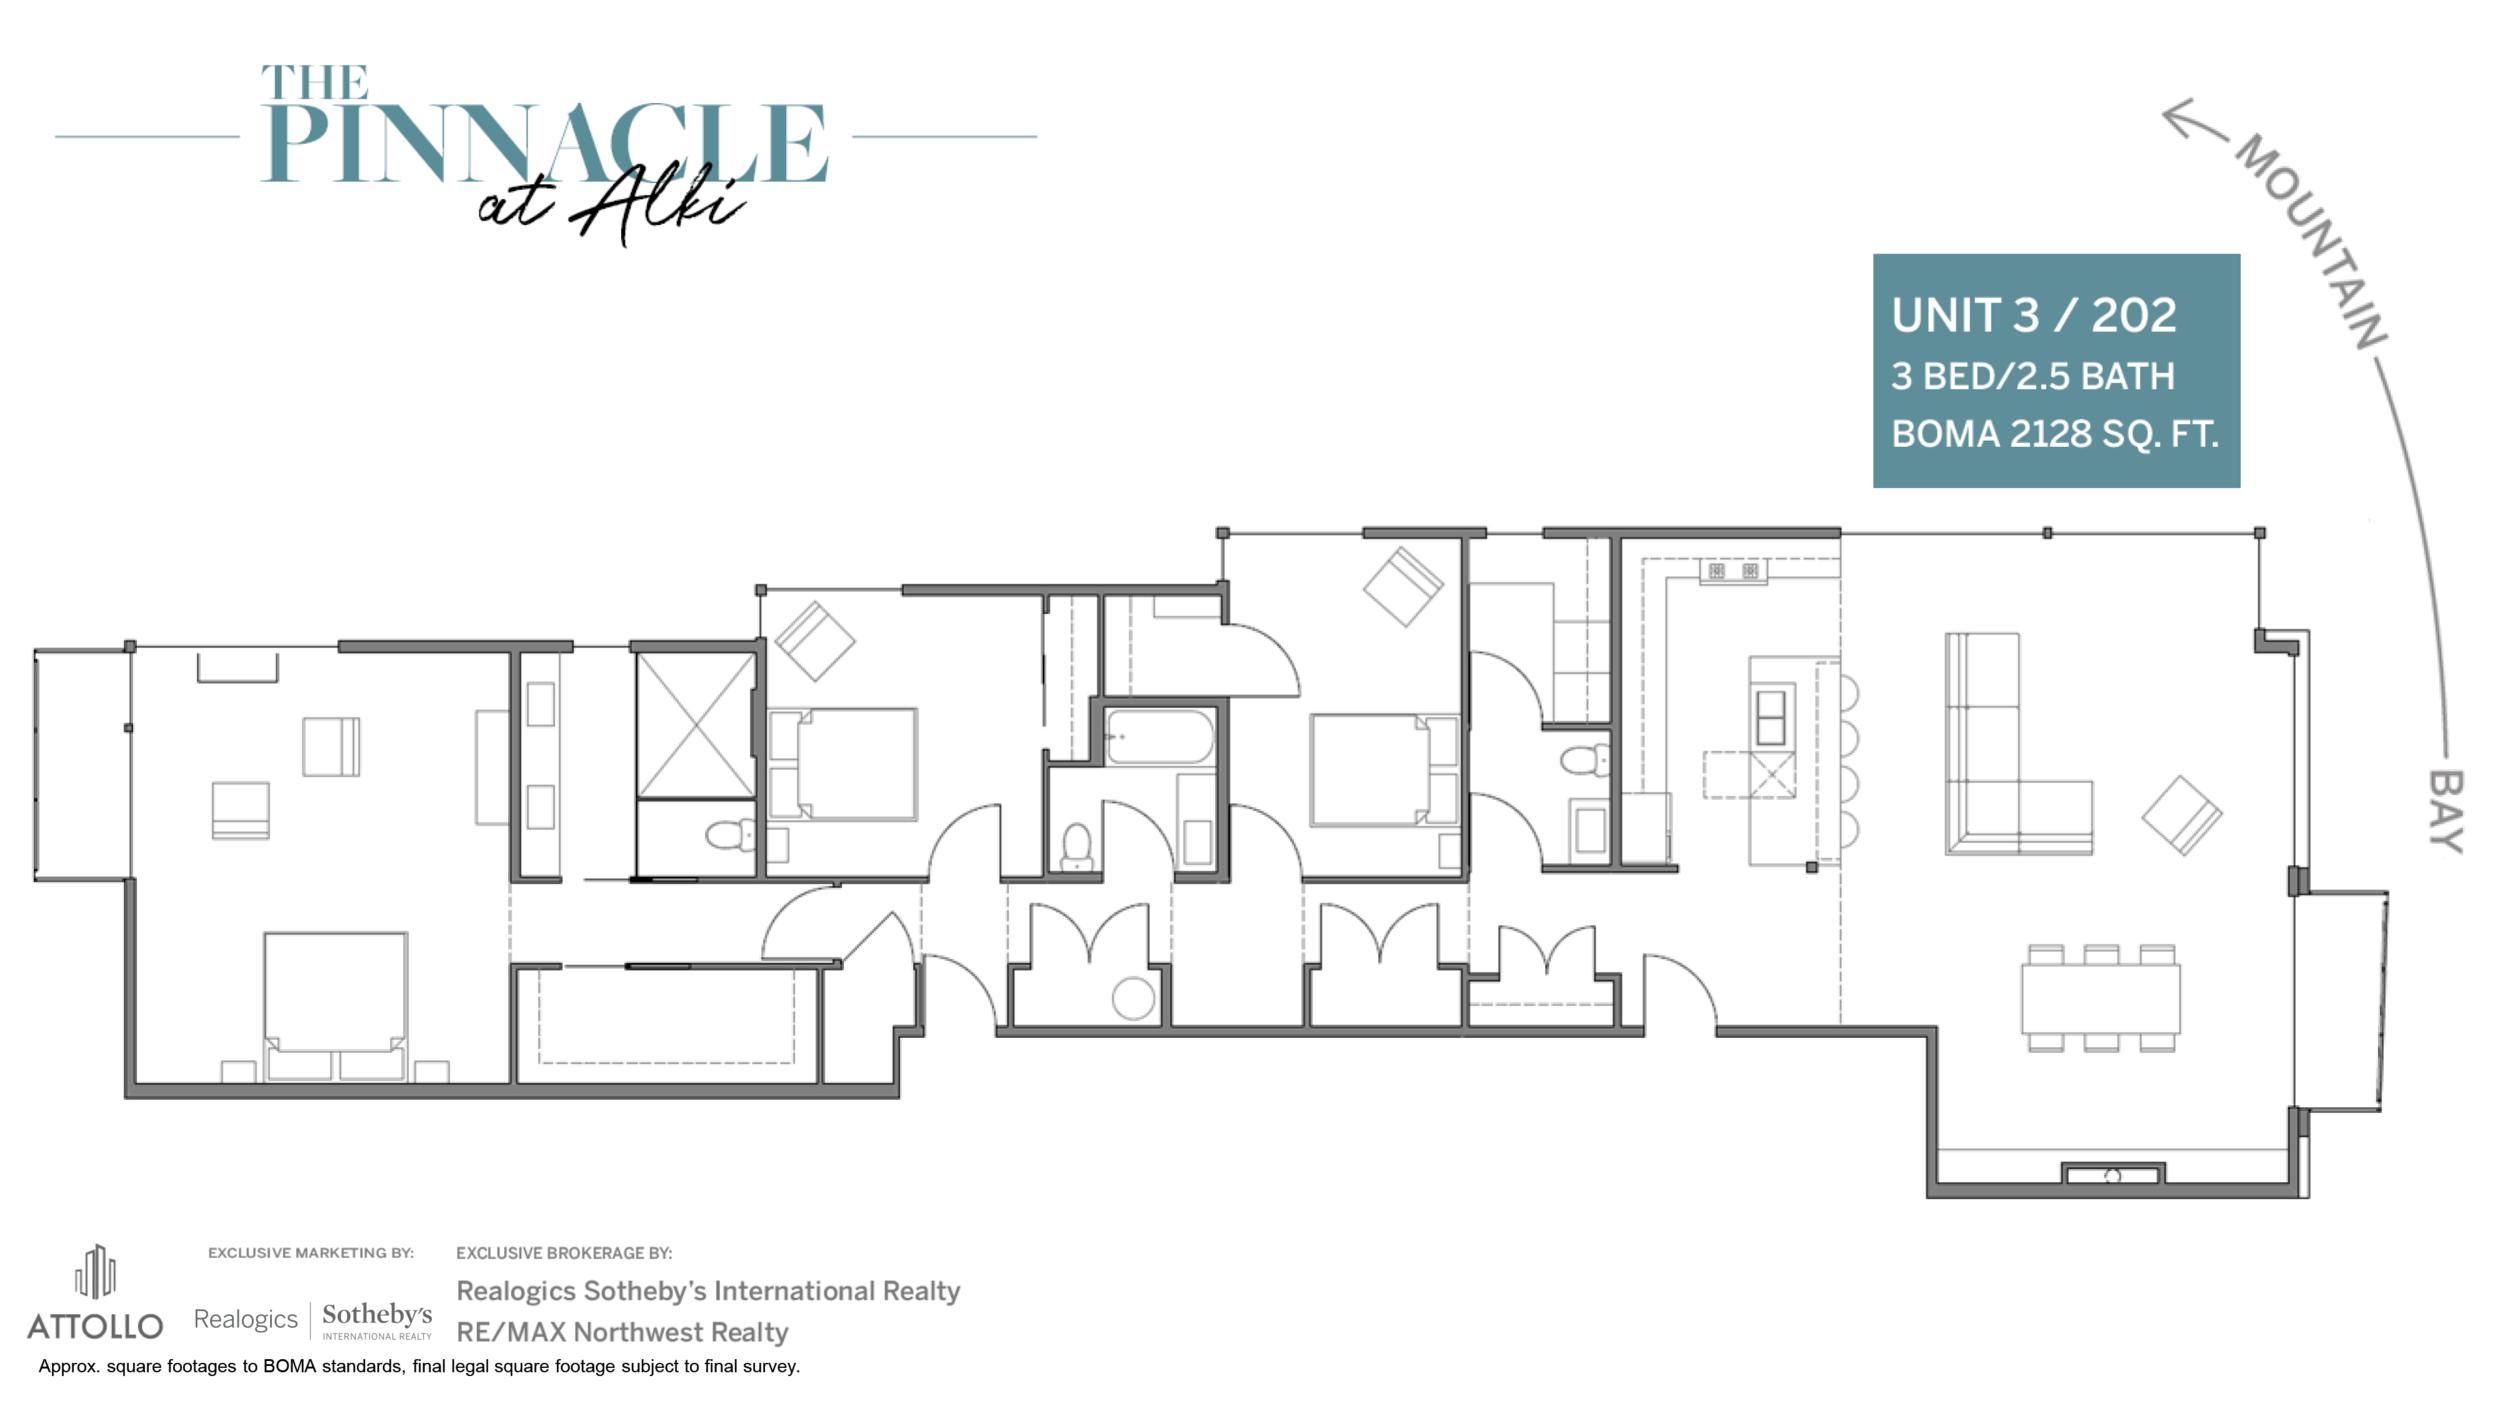 Pinnacle Floor Plan Unit 3 - 202.png